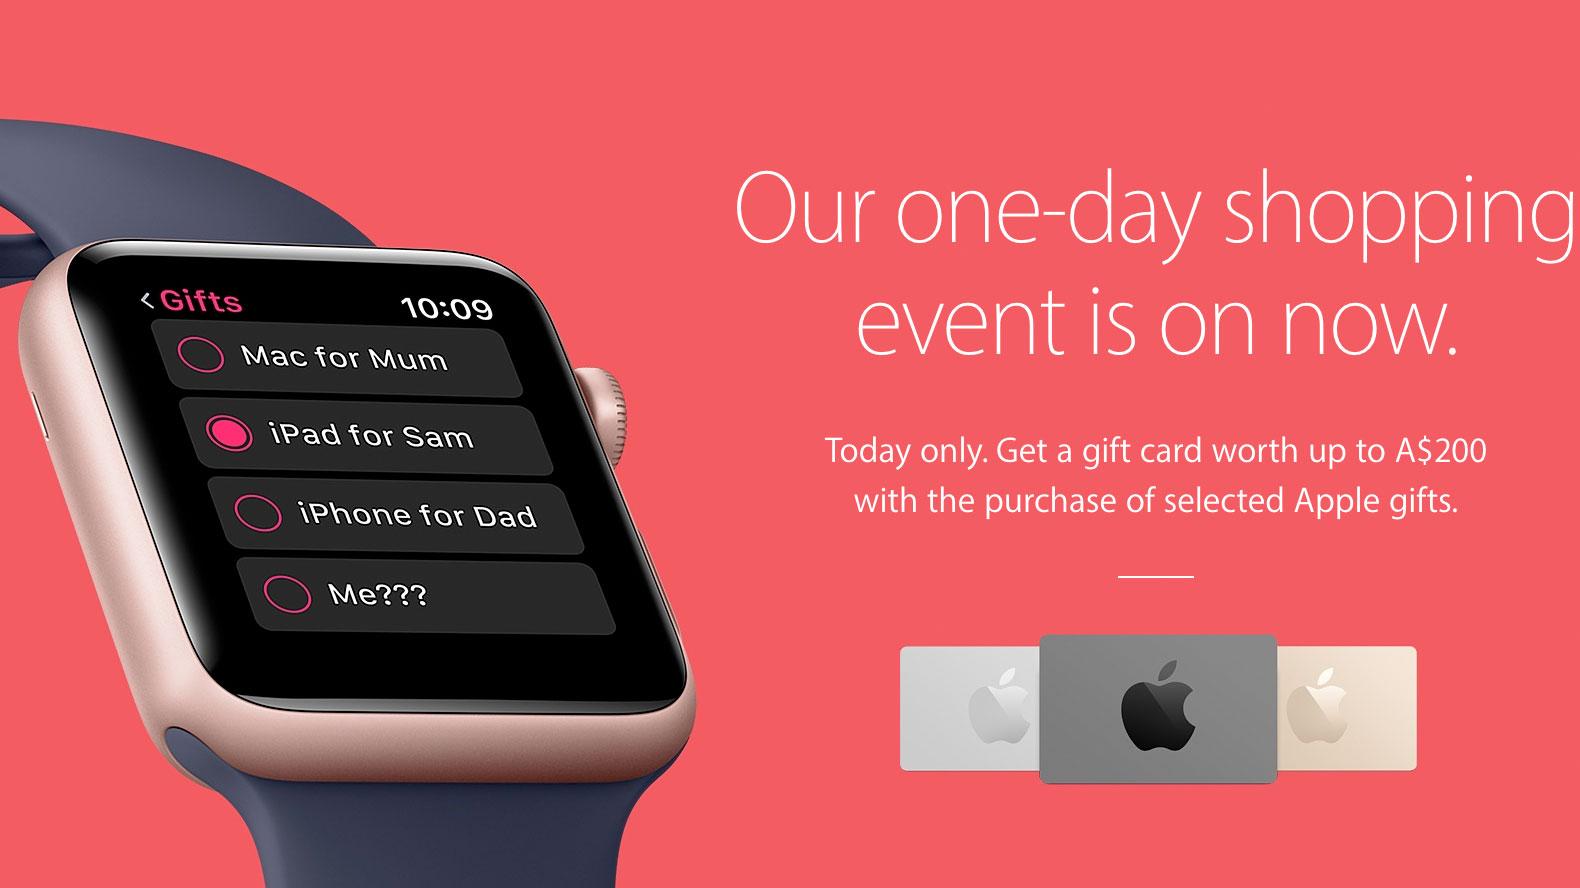 Oferta de Black Friday de Apple™ para el 2016